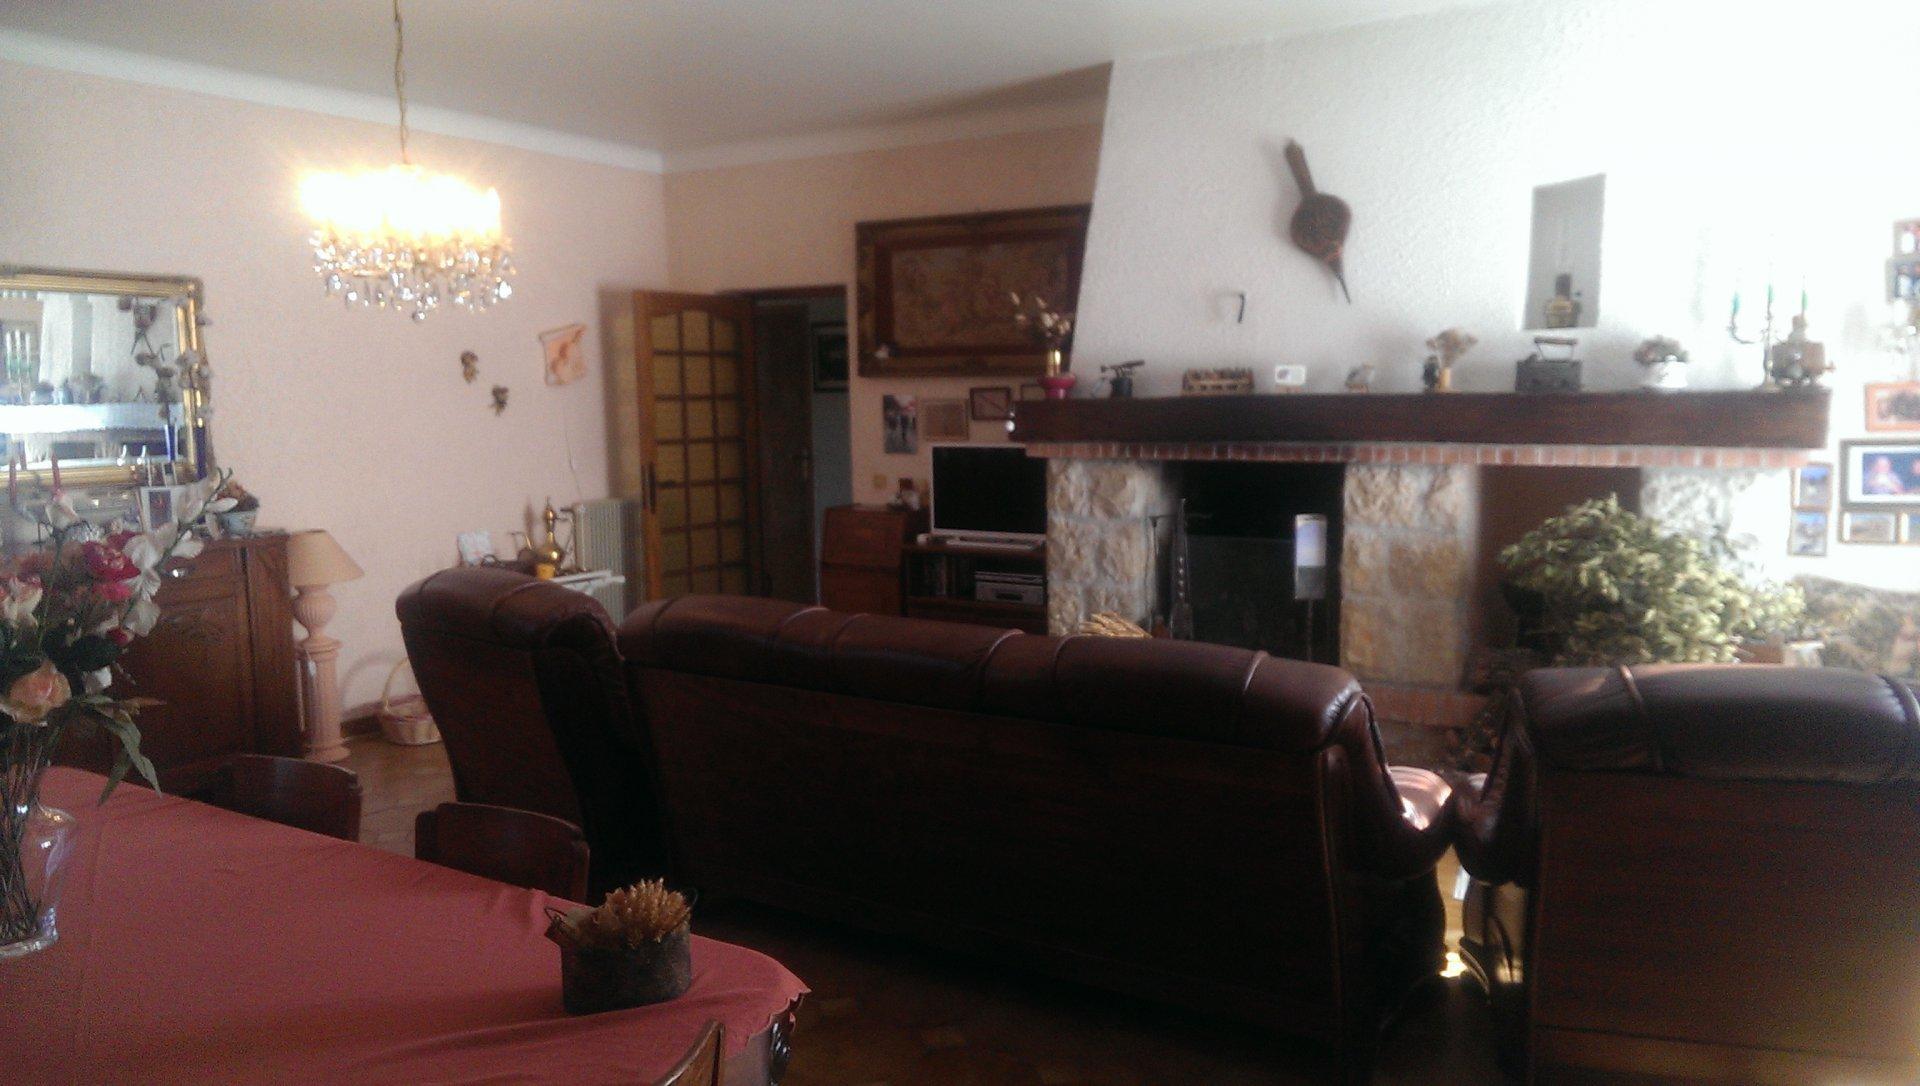 Maison 5 pièces 783 m² de terrain plat